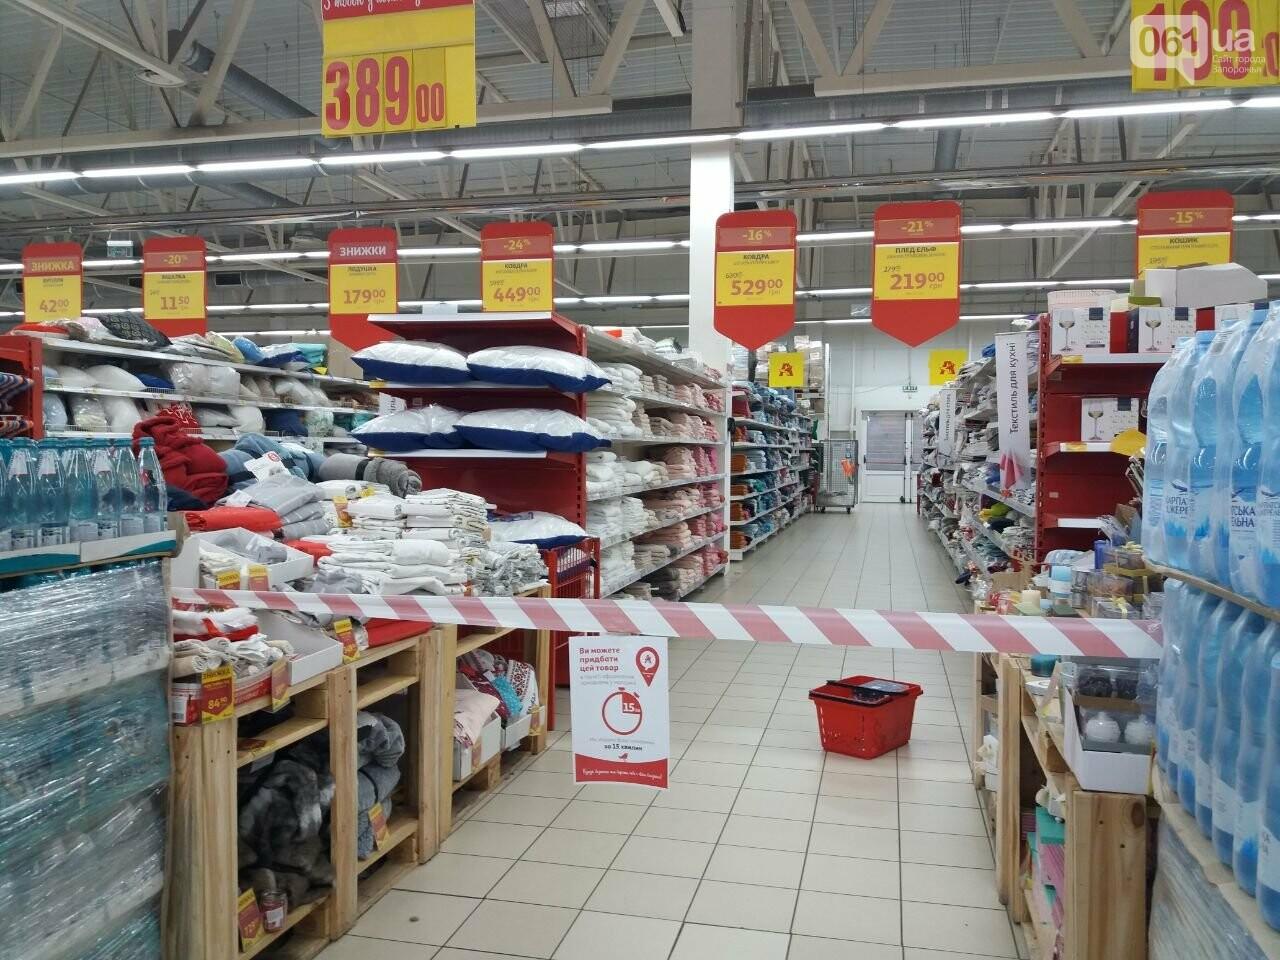 Защитные ленты на товарах, неработающие ТРЦ и полузакрытые рынки – фоторепортаж о первом дне локдауна в Запорожье, фото-32